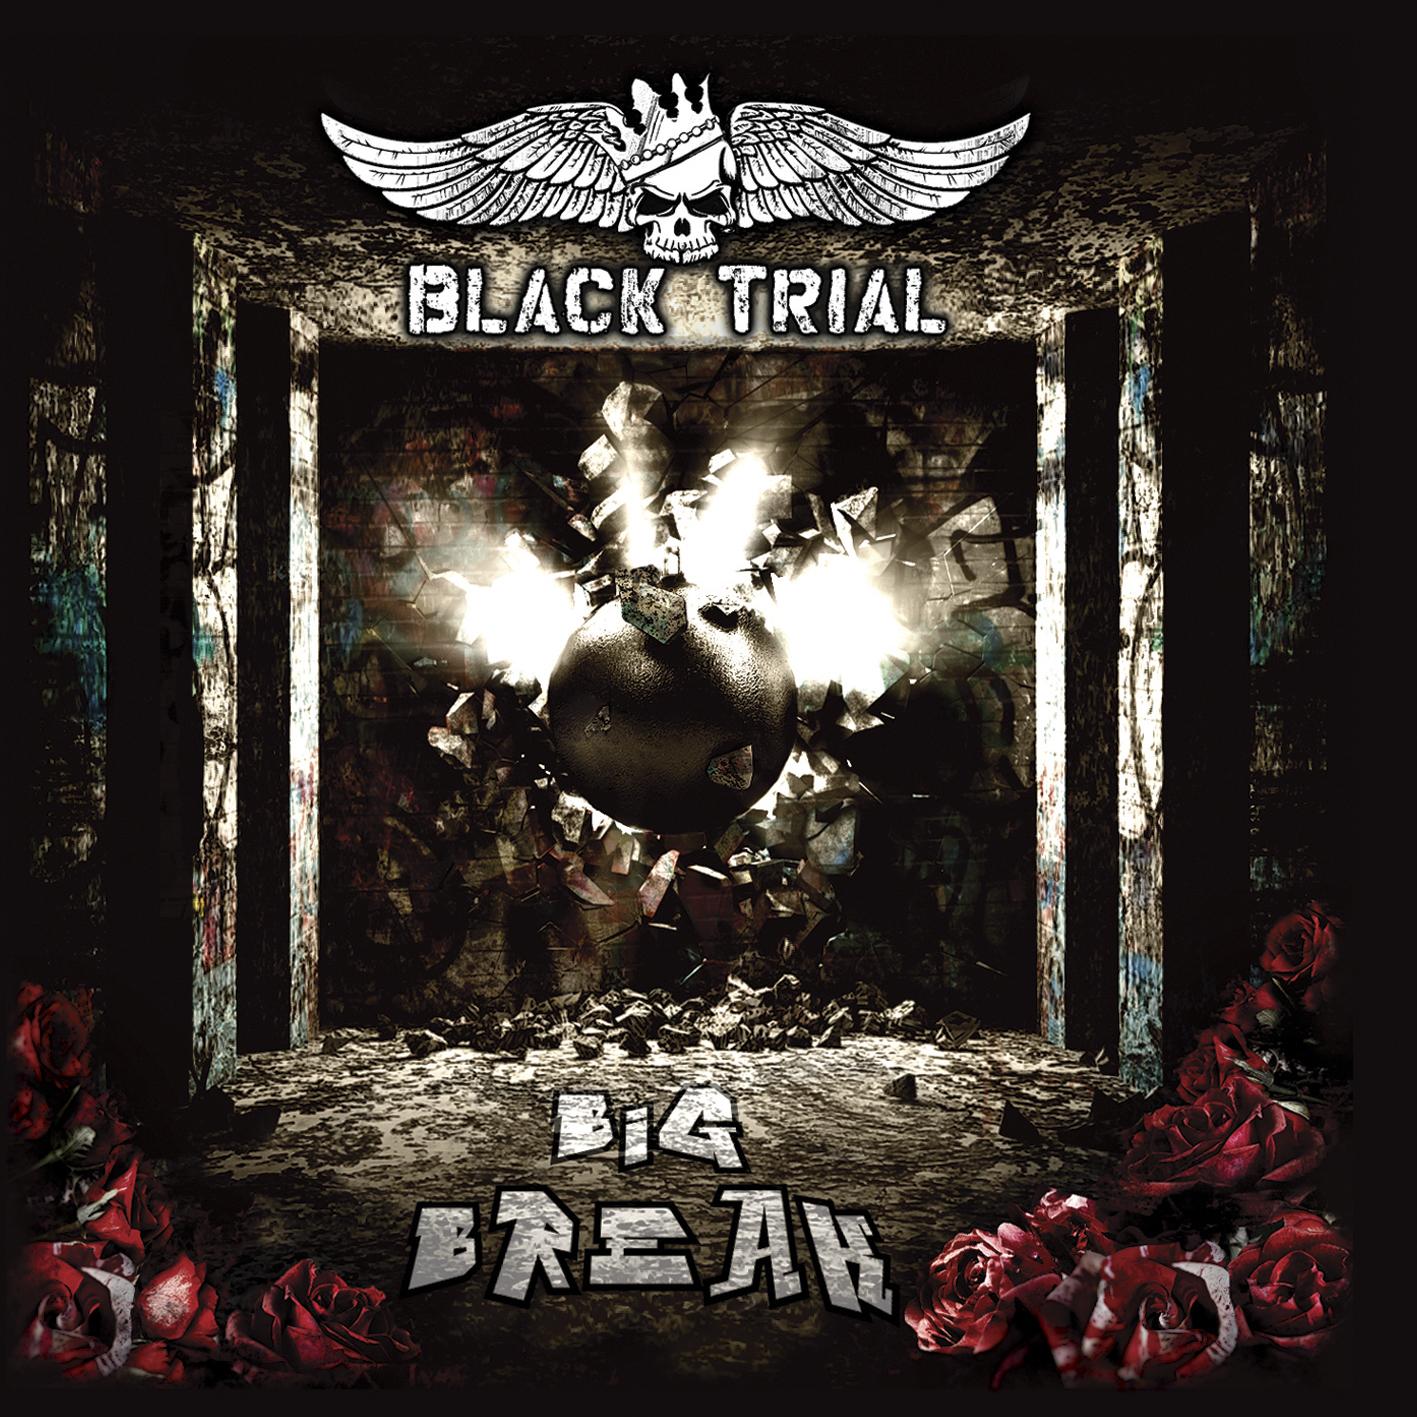 Big-Break-Black-Trial